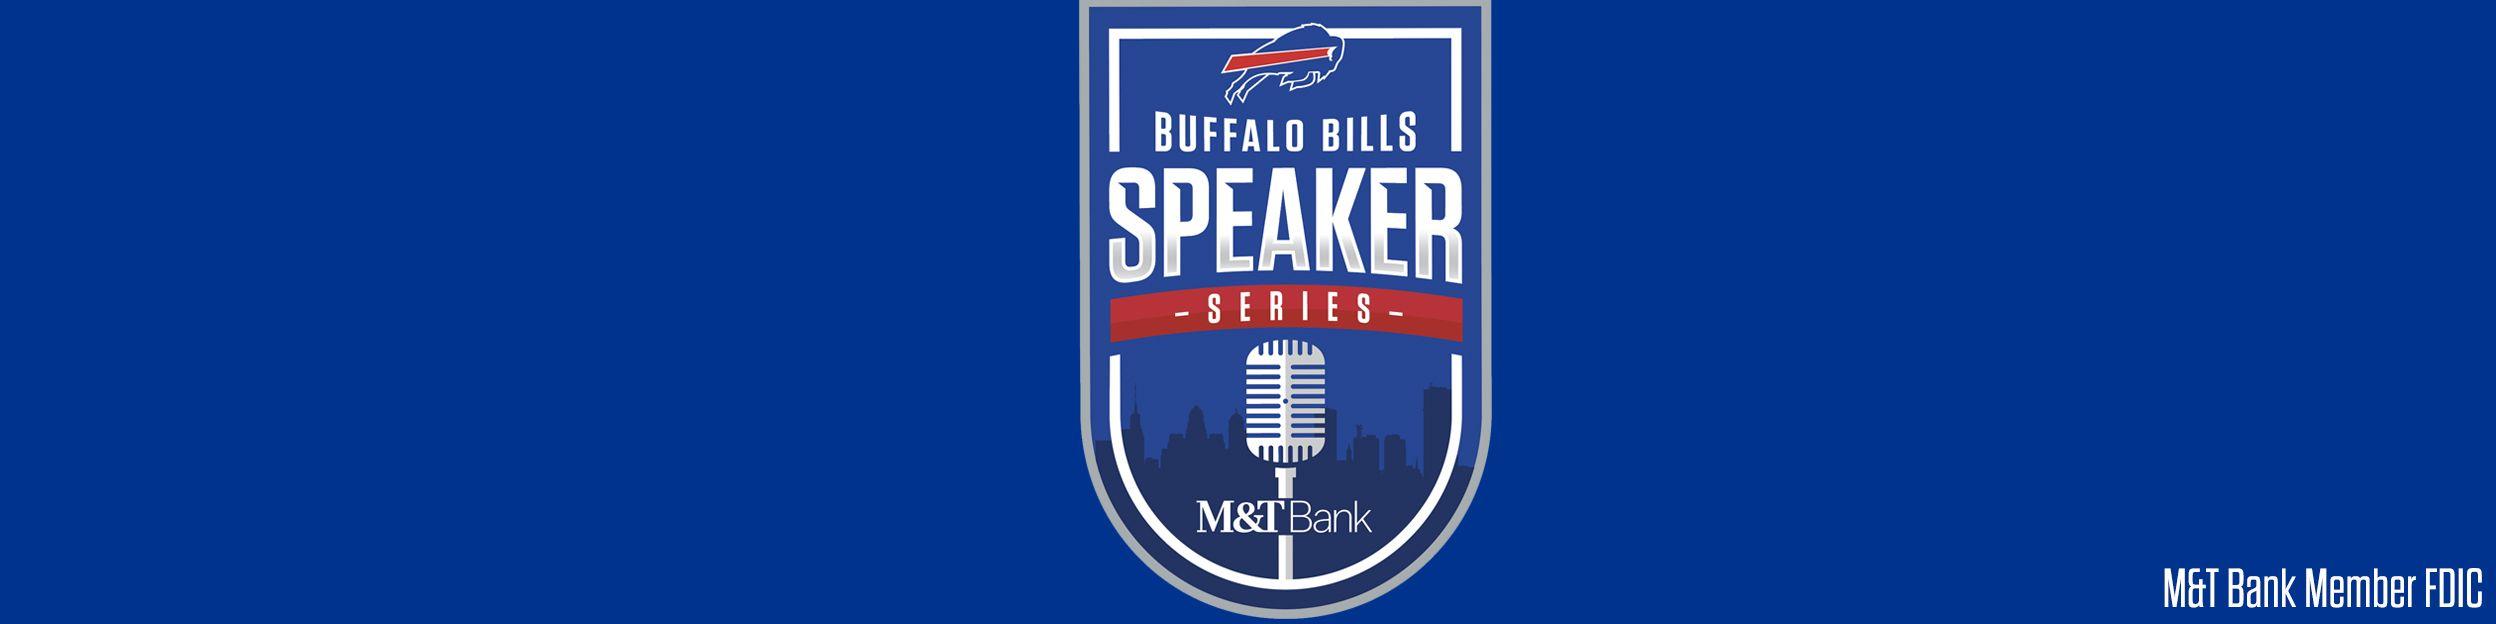 speaker-series-page-header